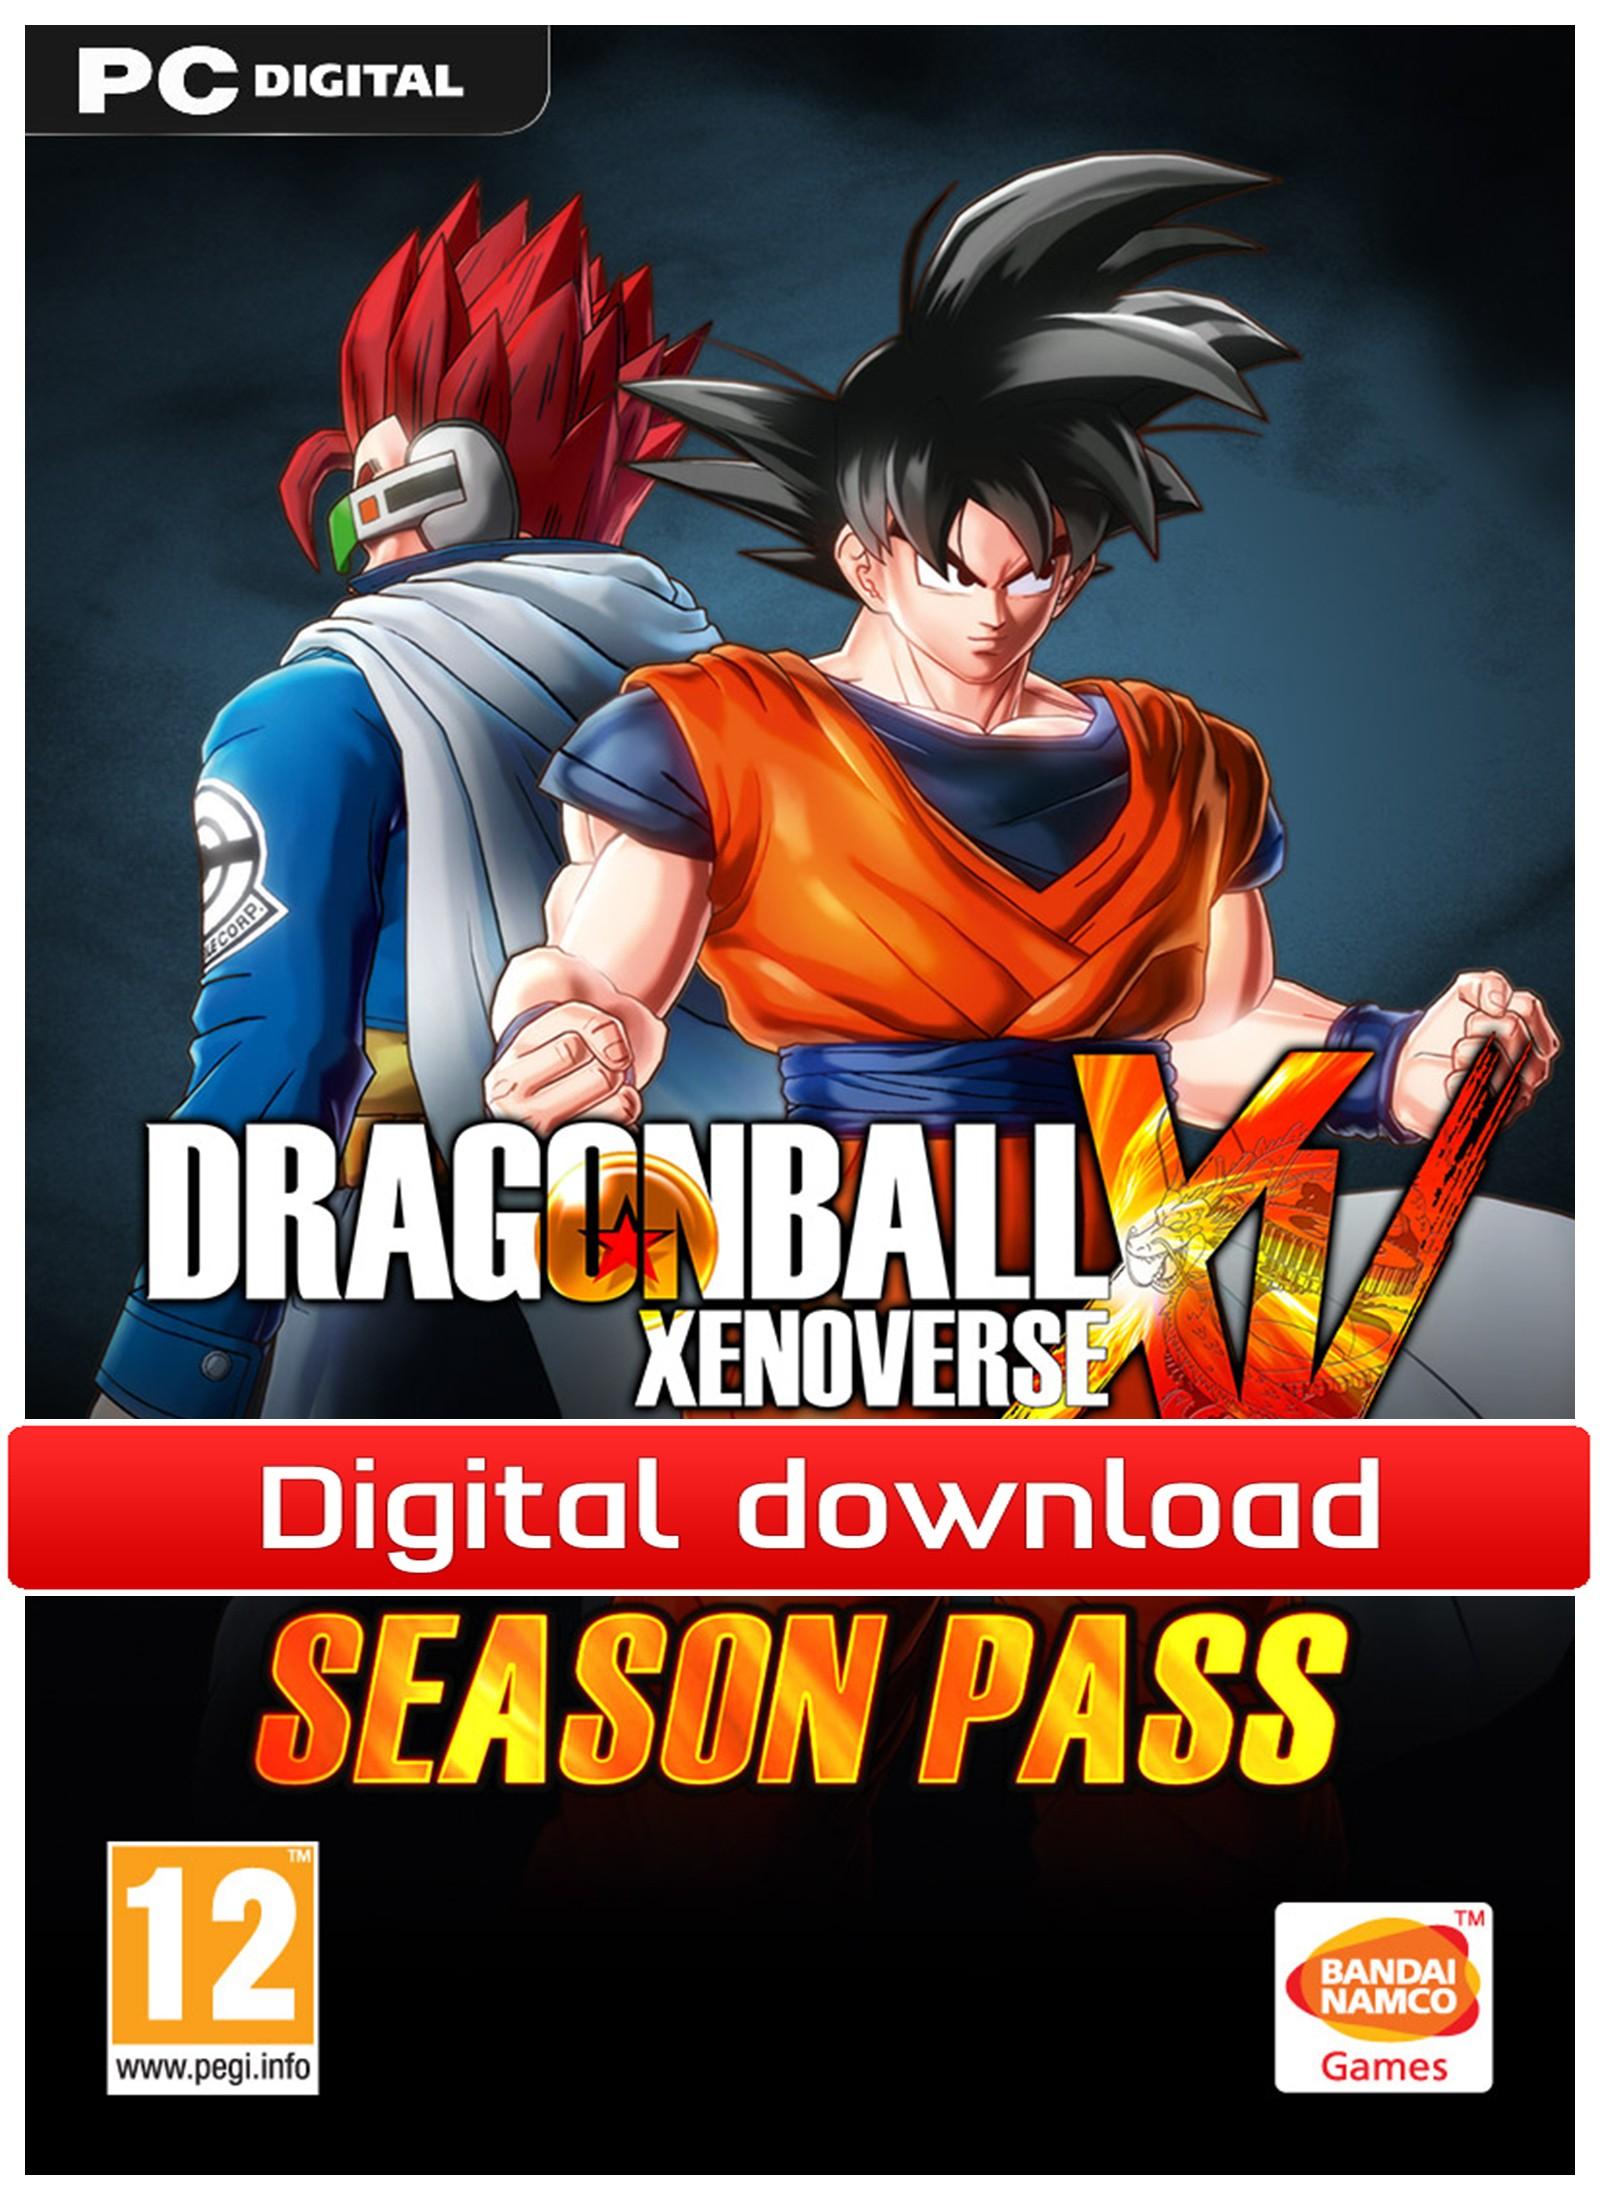 36813 : Dragonball Xenoverse Season Pass (PC nedlastning)